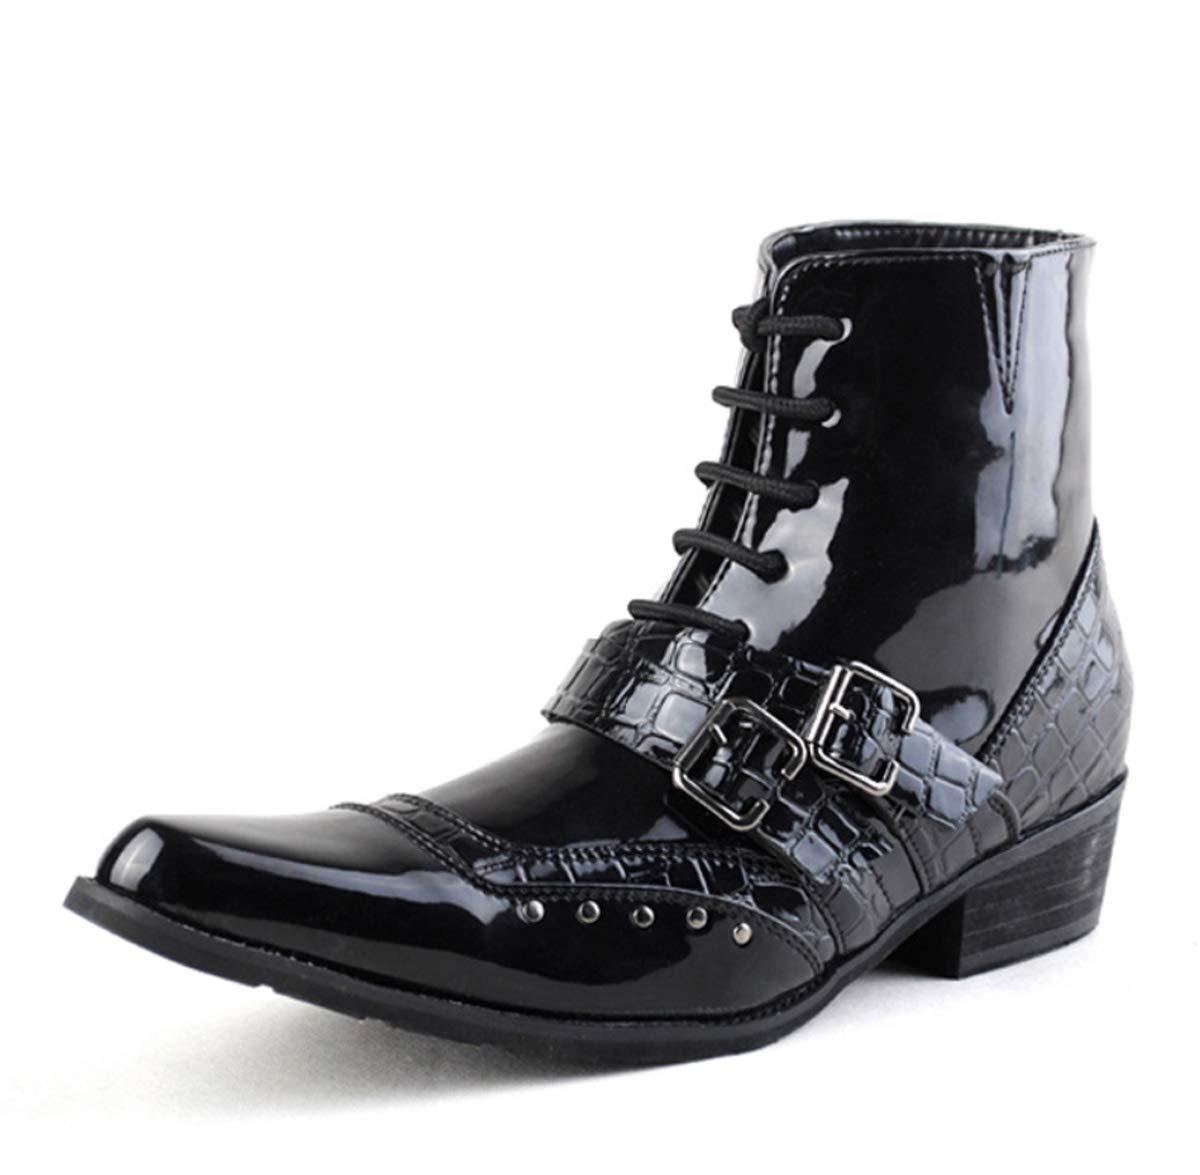 DANDANJIE Herren Herren DANDANJIE Stiefel Vintage Spitz Stiefeletten Outdoor Schnalle Schnürstiefeletten Oxfords Schuhe für Herbst Winter 337602